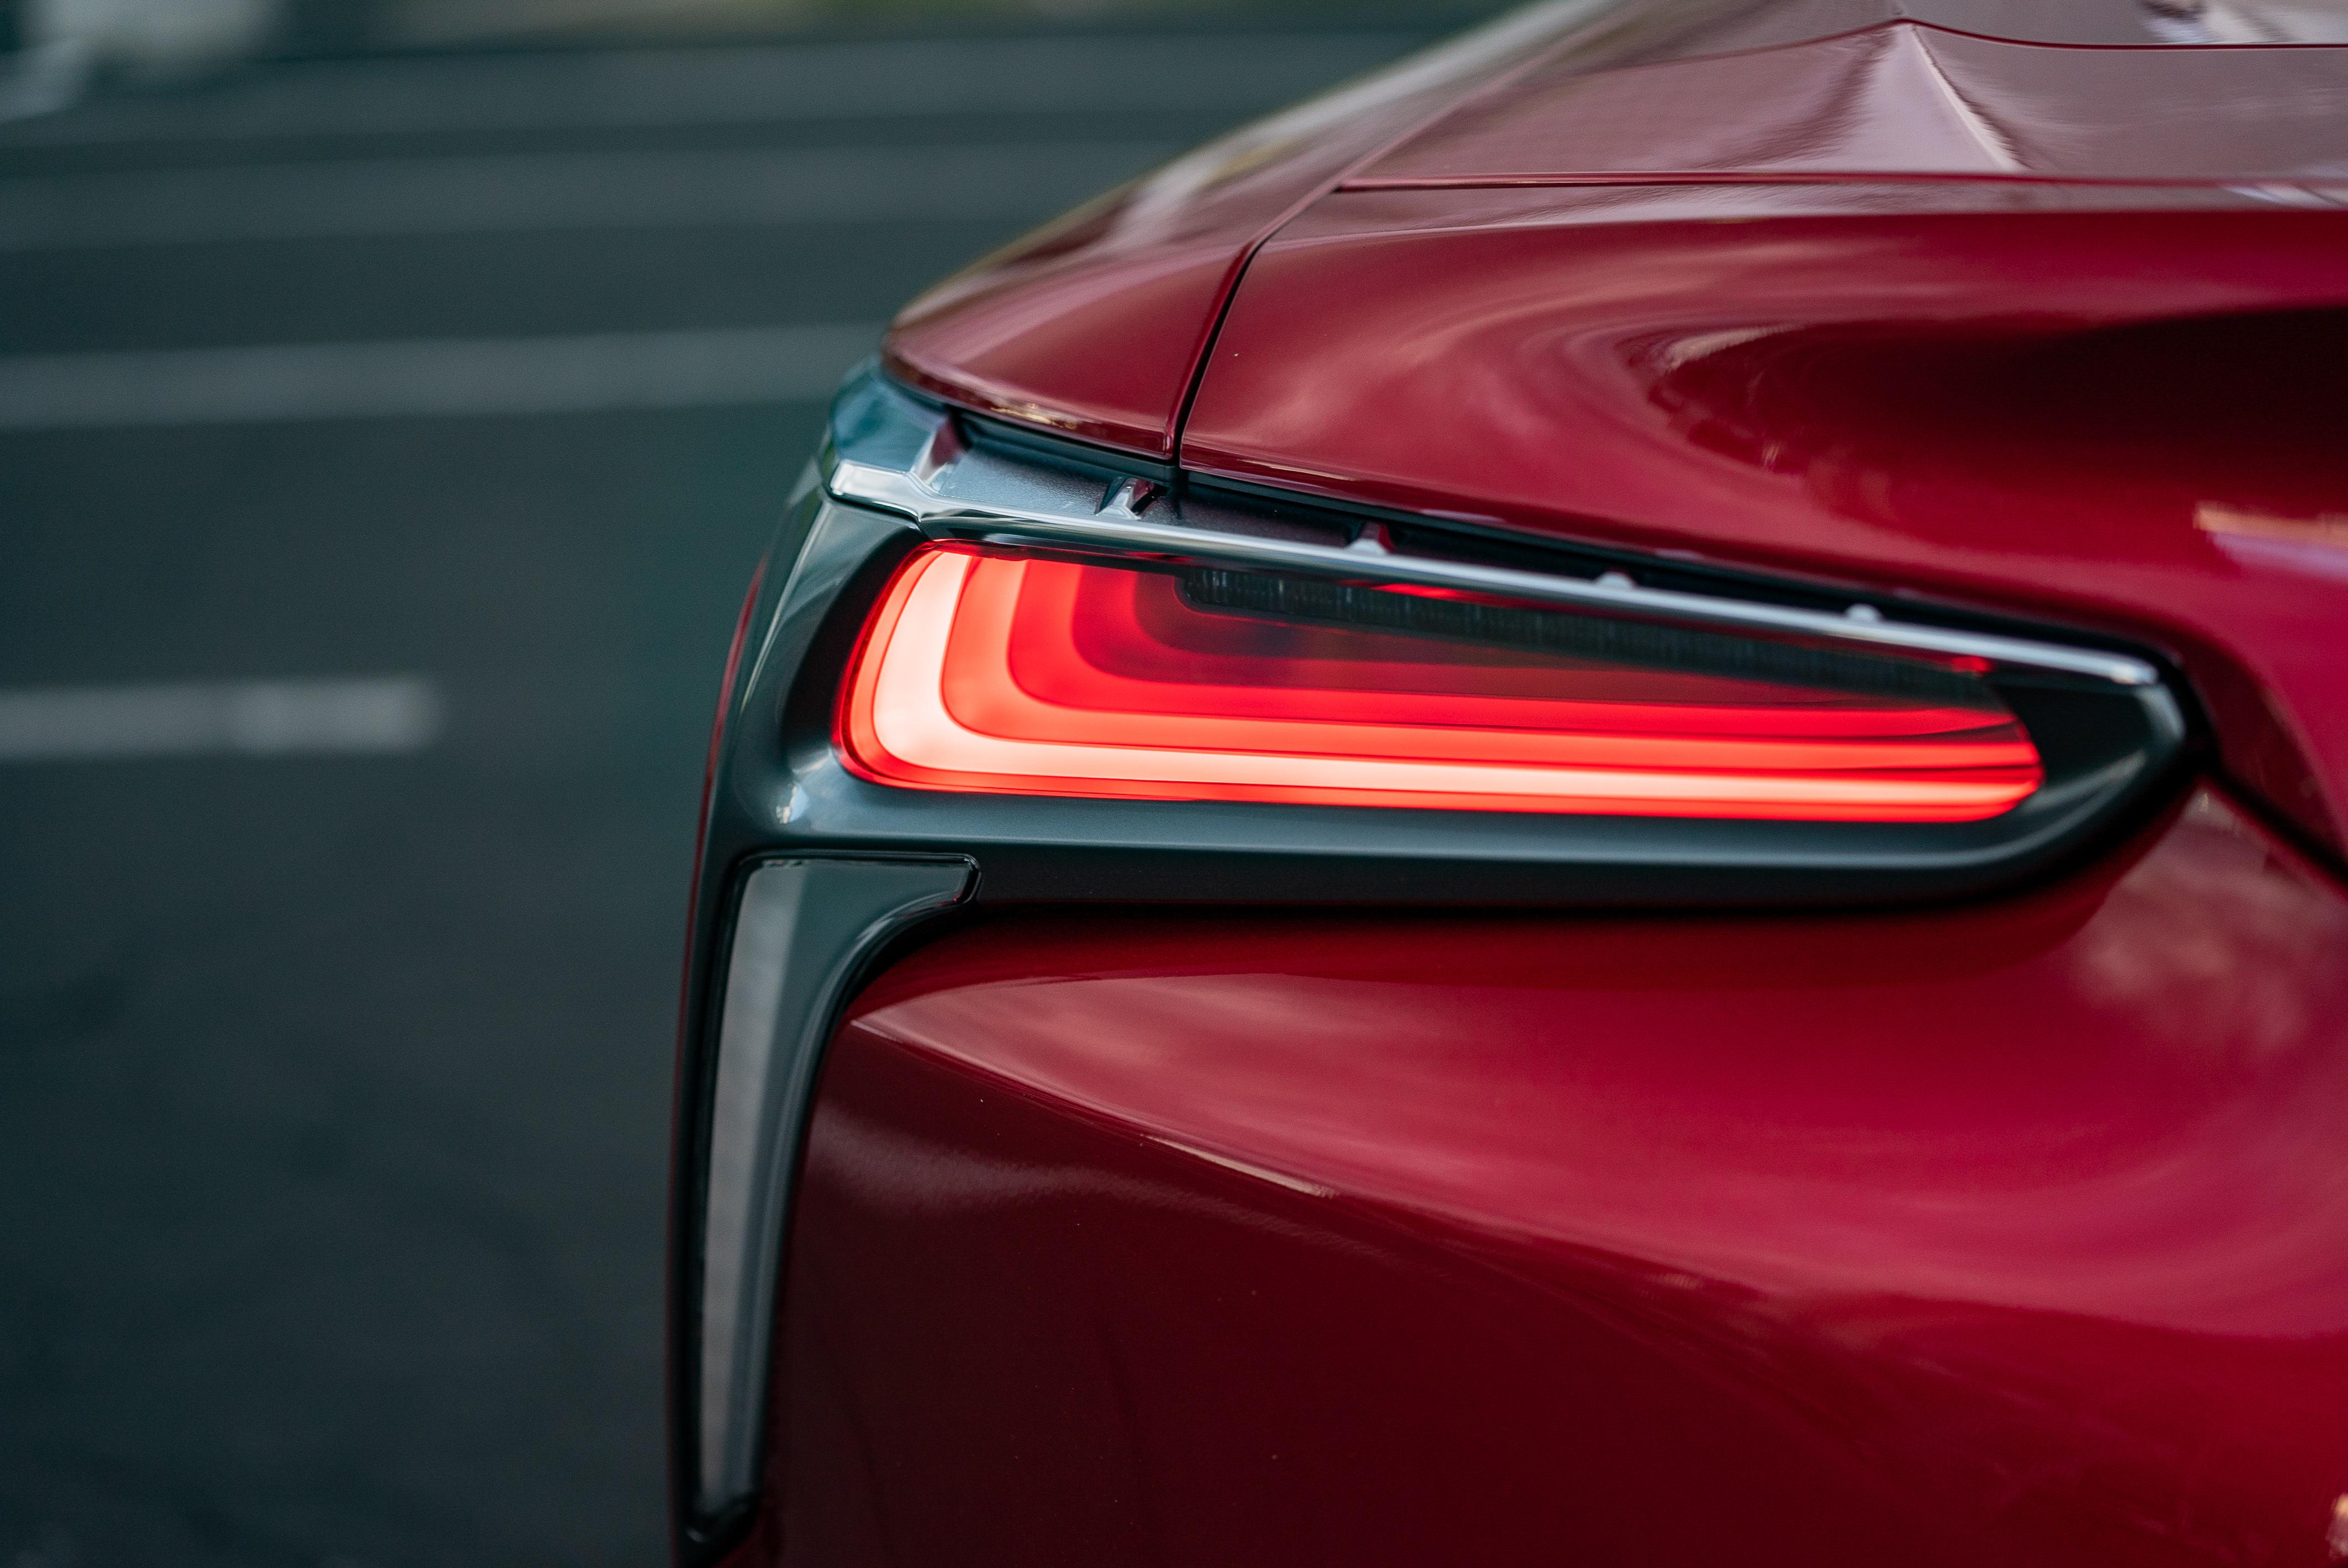 2019 Lexus LC500 taillamp